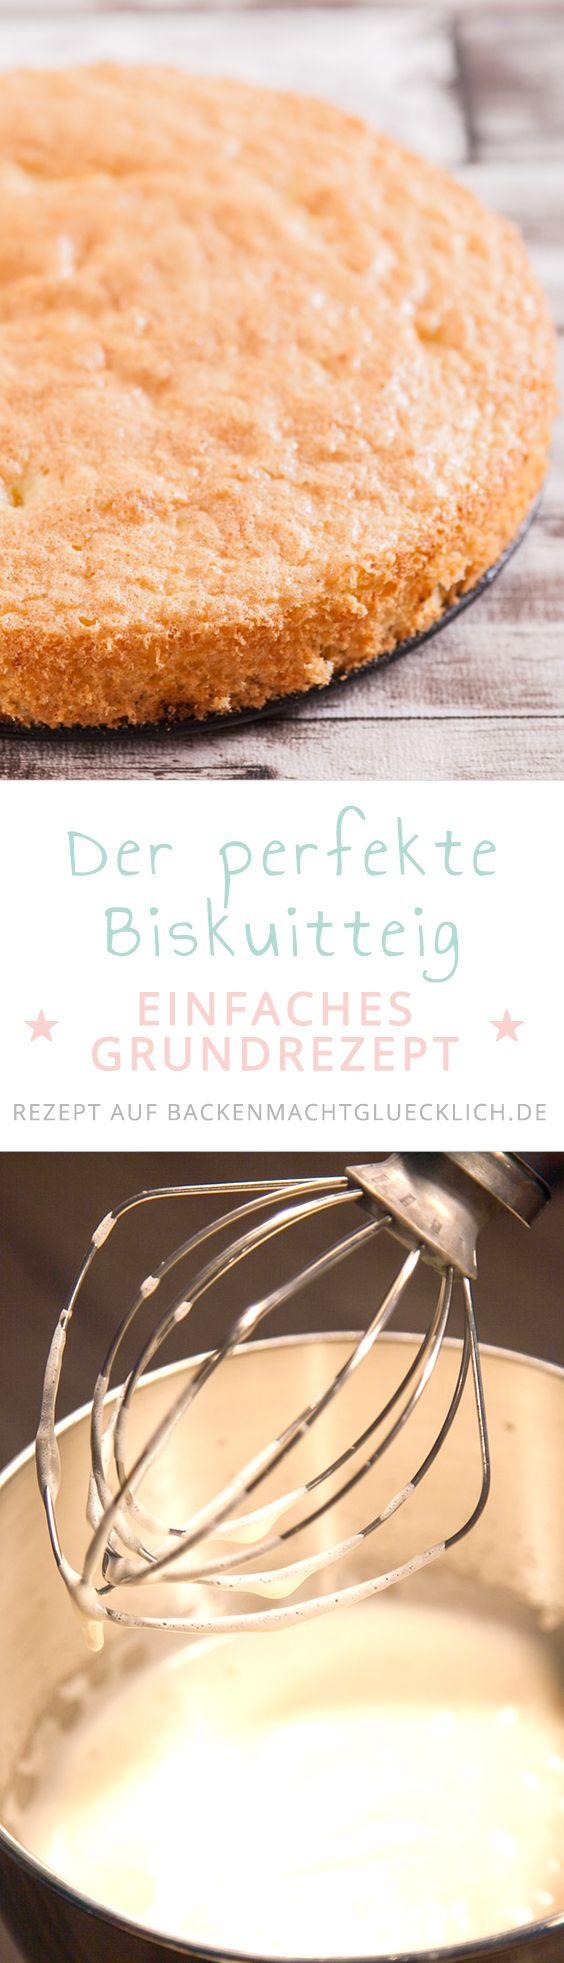 Gelingsicheres Grundrezept für Biskuitteig bzw. Biskuitboden mit vielen Tipps. Der Biskuit funktioniert sowohl mit getrennten als auch mit ganzen Eiern. Der perfekte fettarme Tortenboden bzw. Kuchenboden.